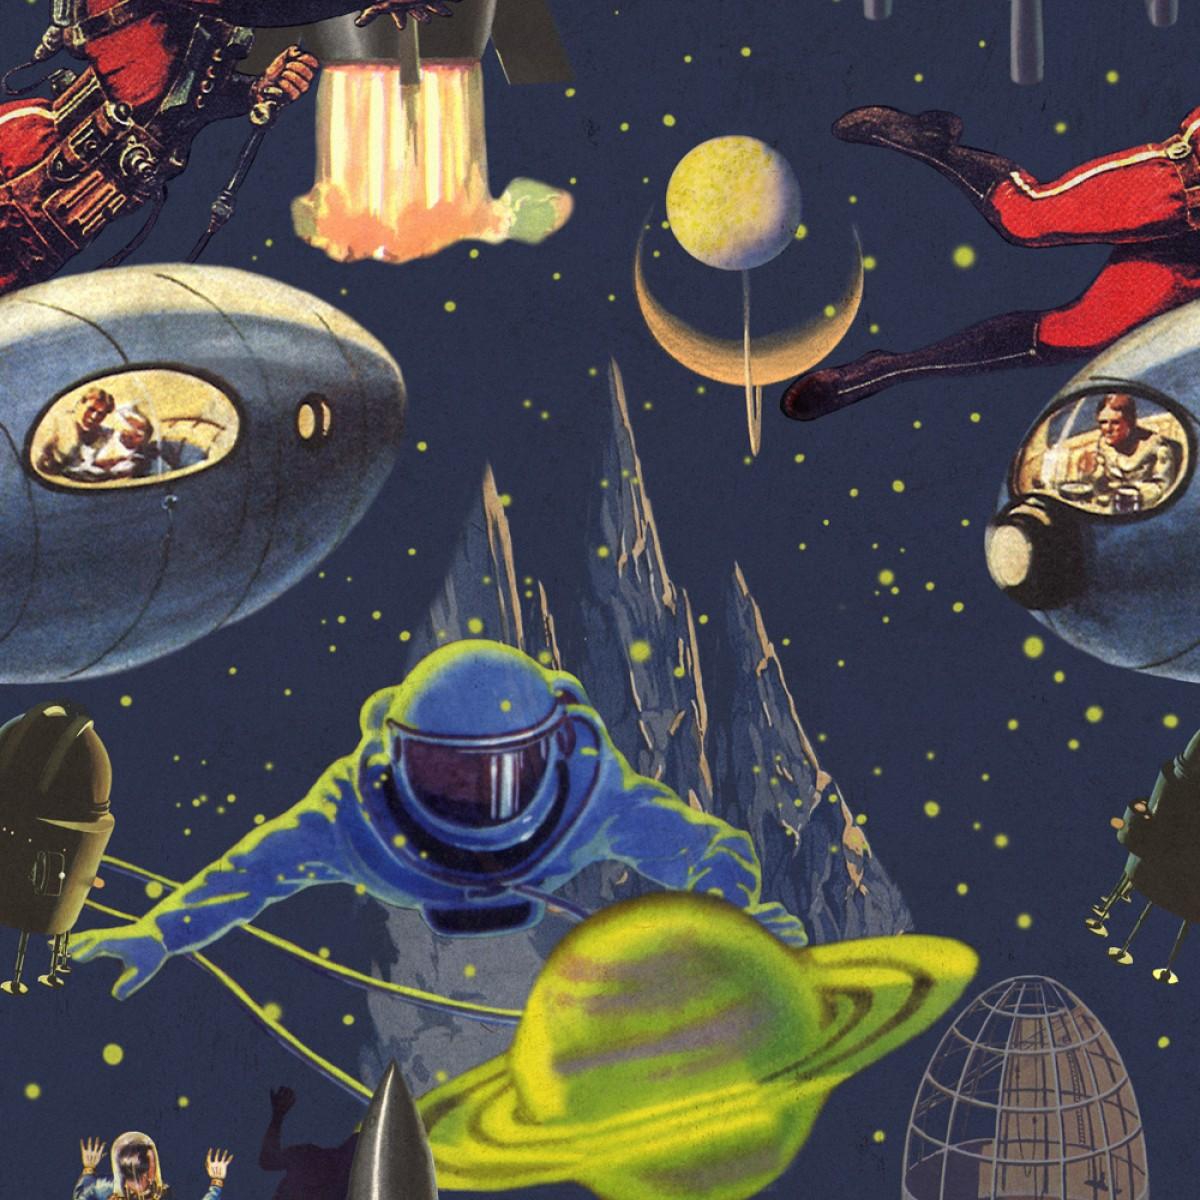 Tapet designer Comics Intergalactic, MINDTHEGAP